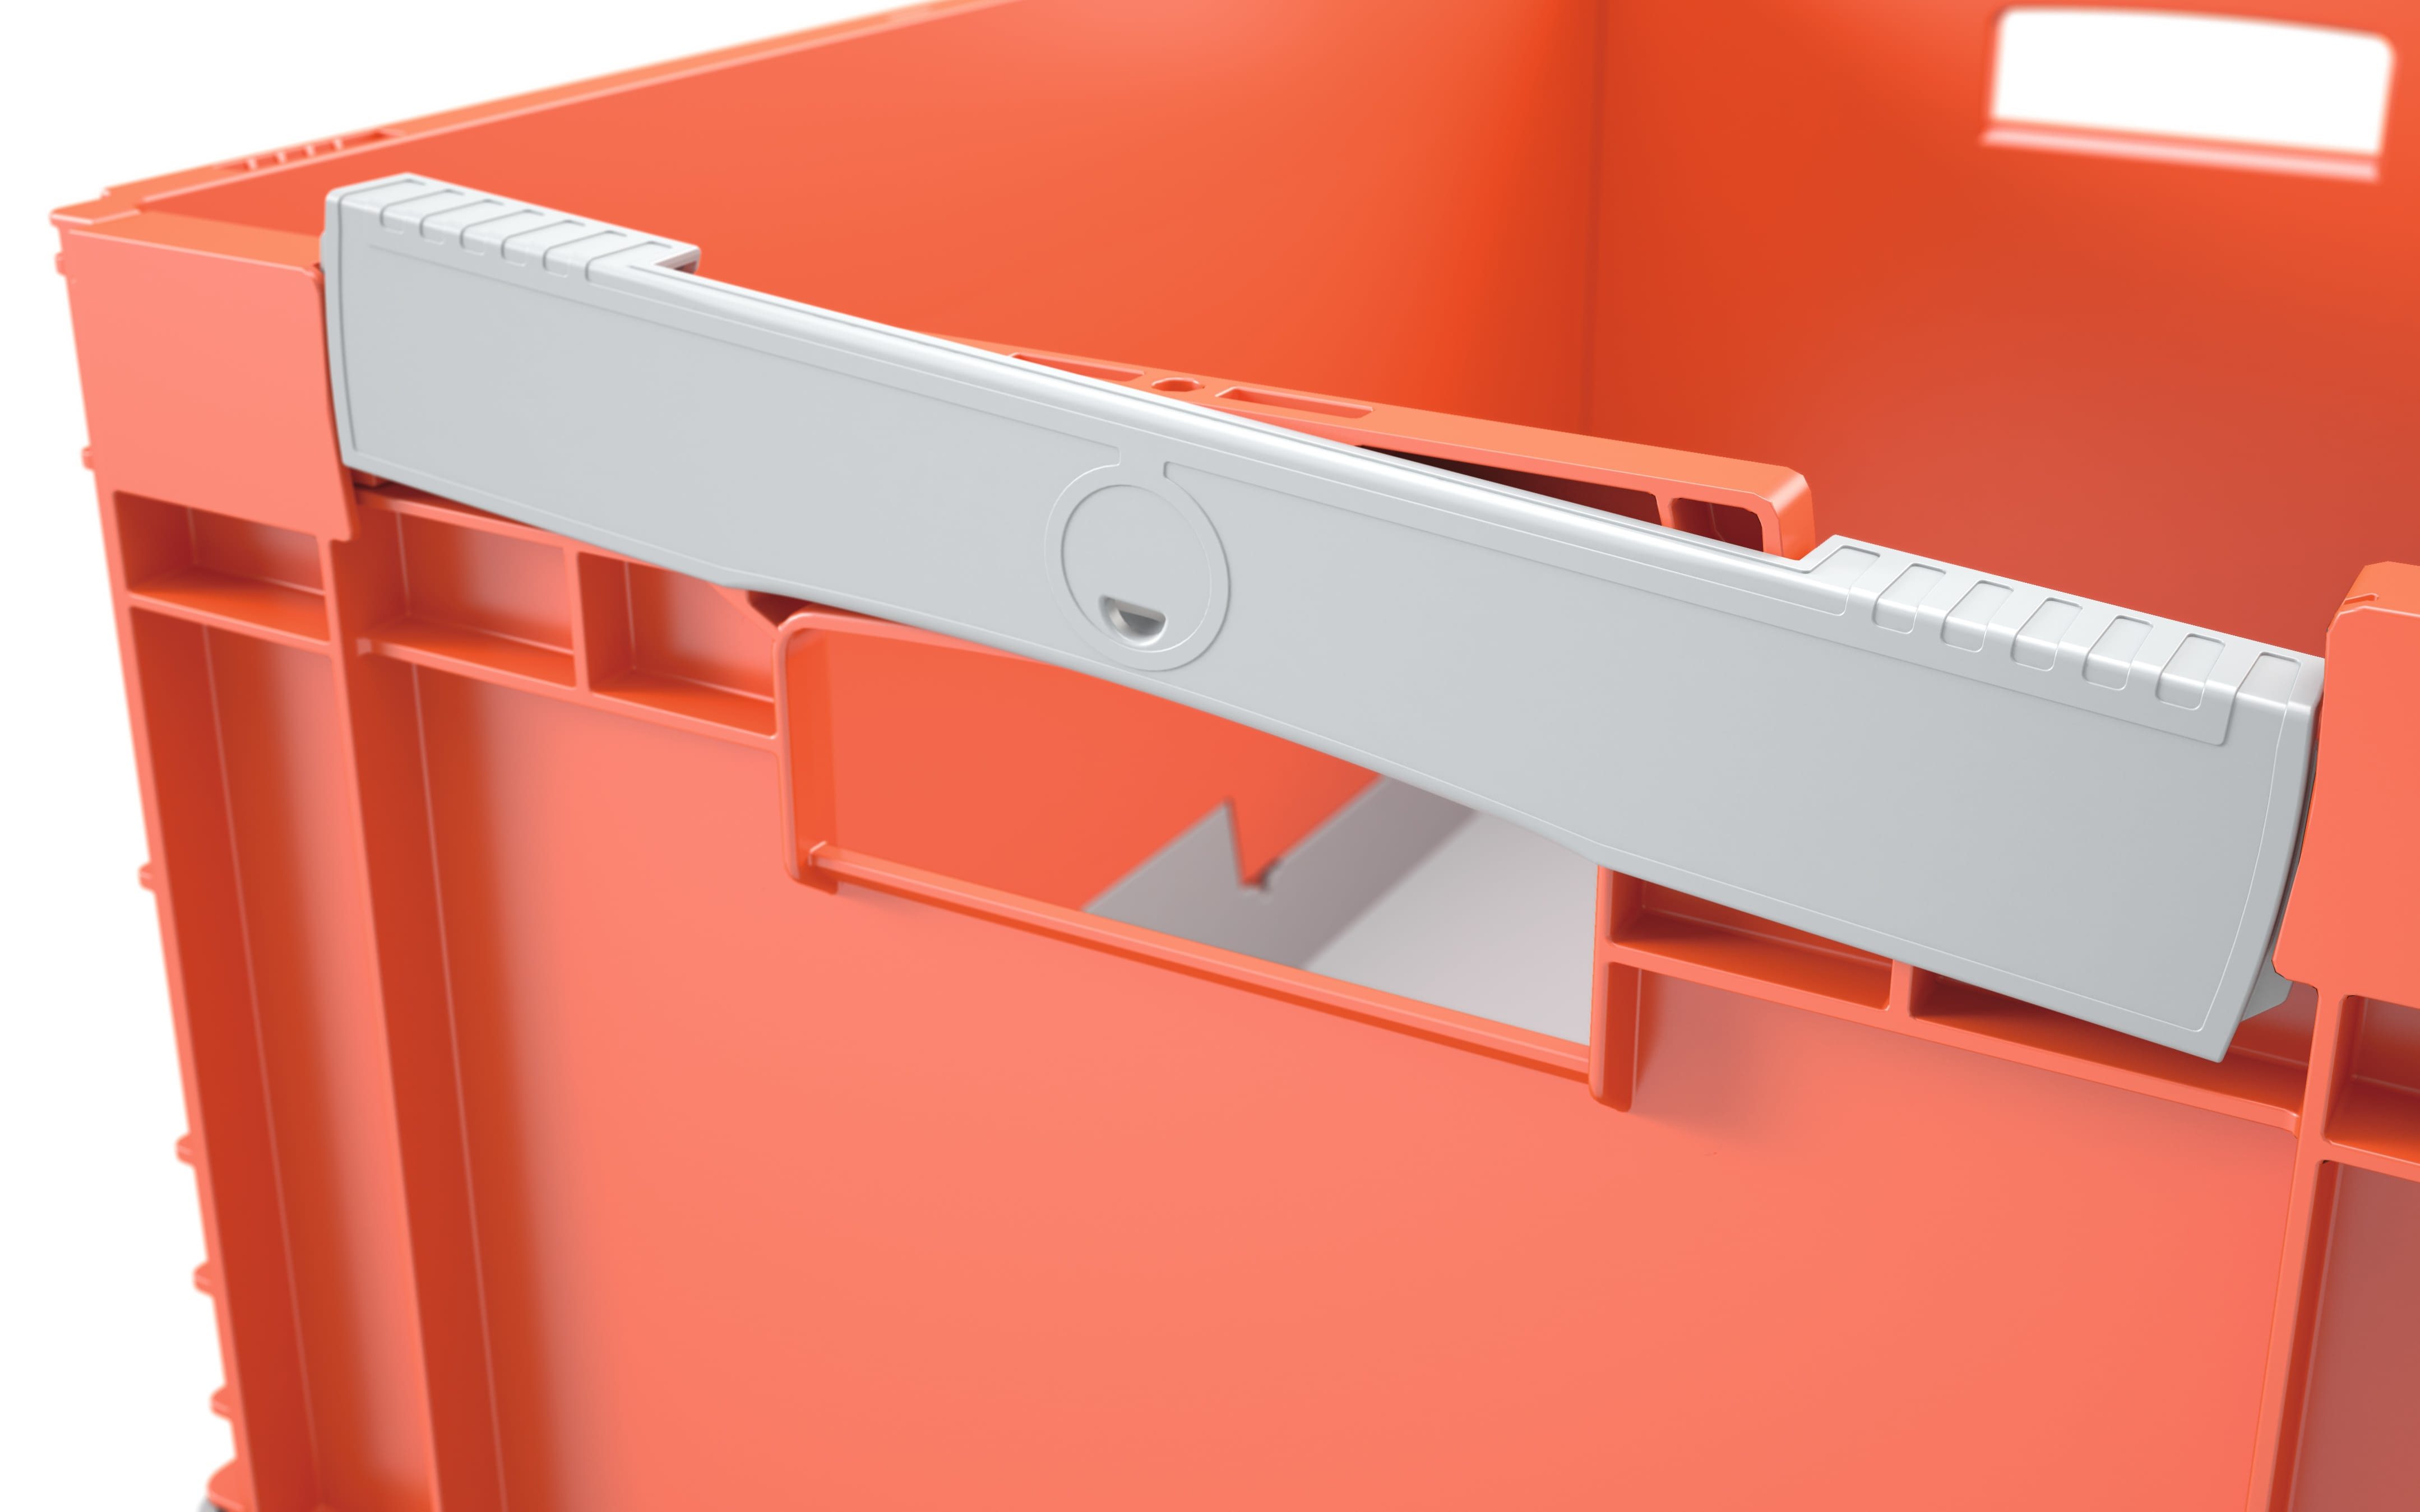 Pojemniki składane EQ, z otwartymi uchwytami, pomarańczowy/szary, IMG_133426